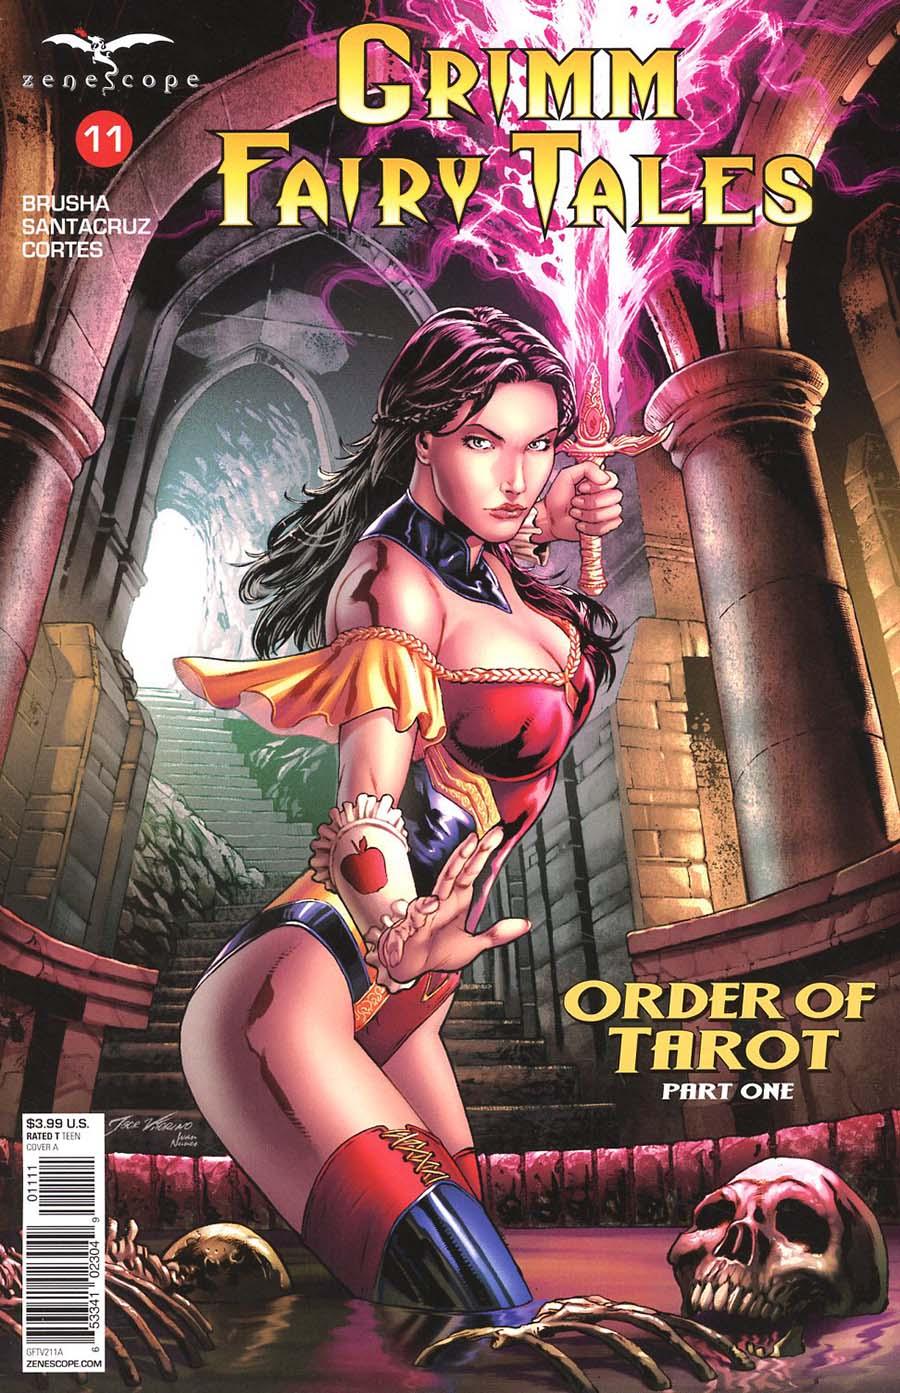 Grimm Fairy Tales Vol 2 #11 Cover A Igor Vitorino